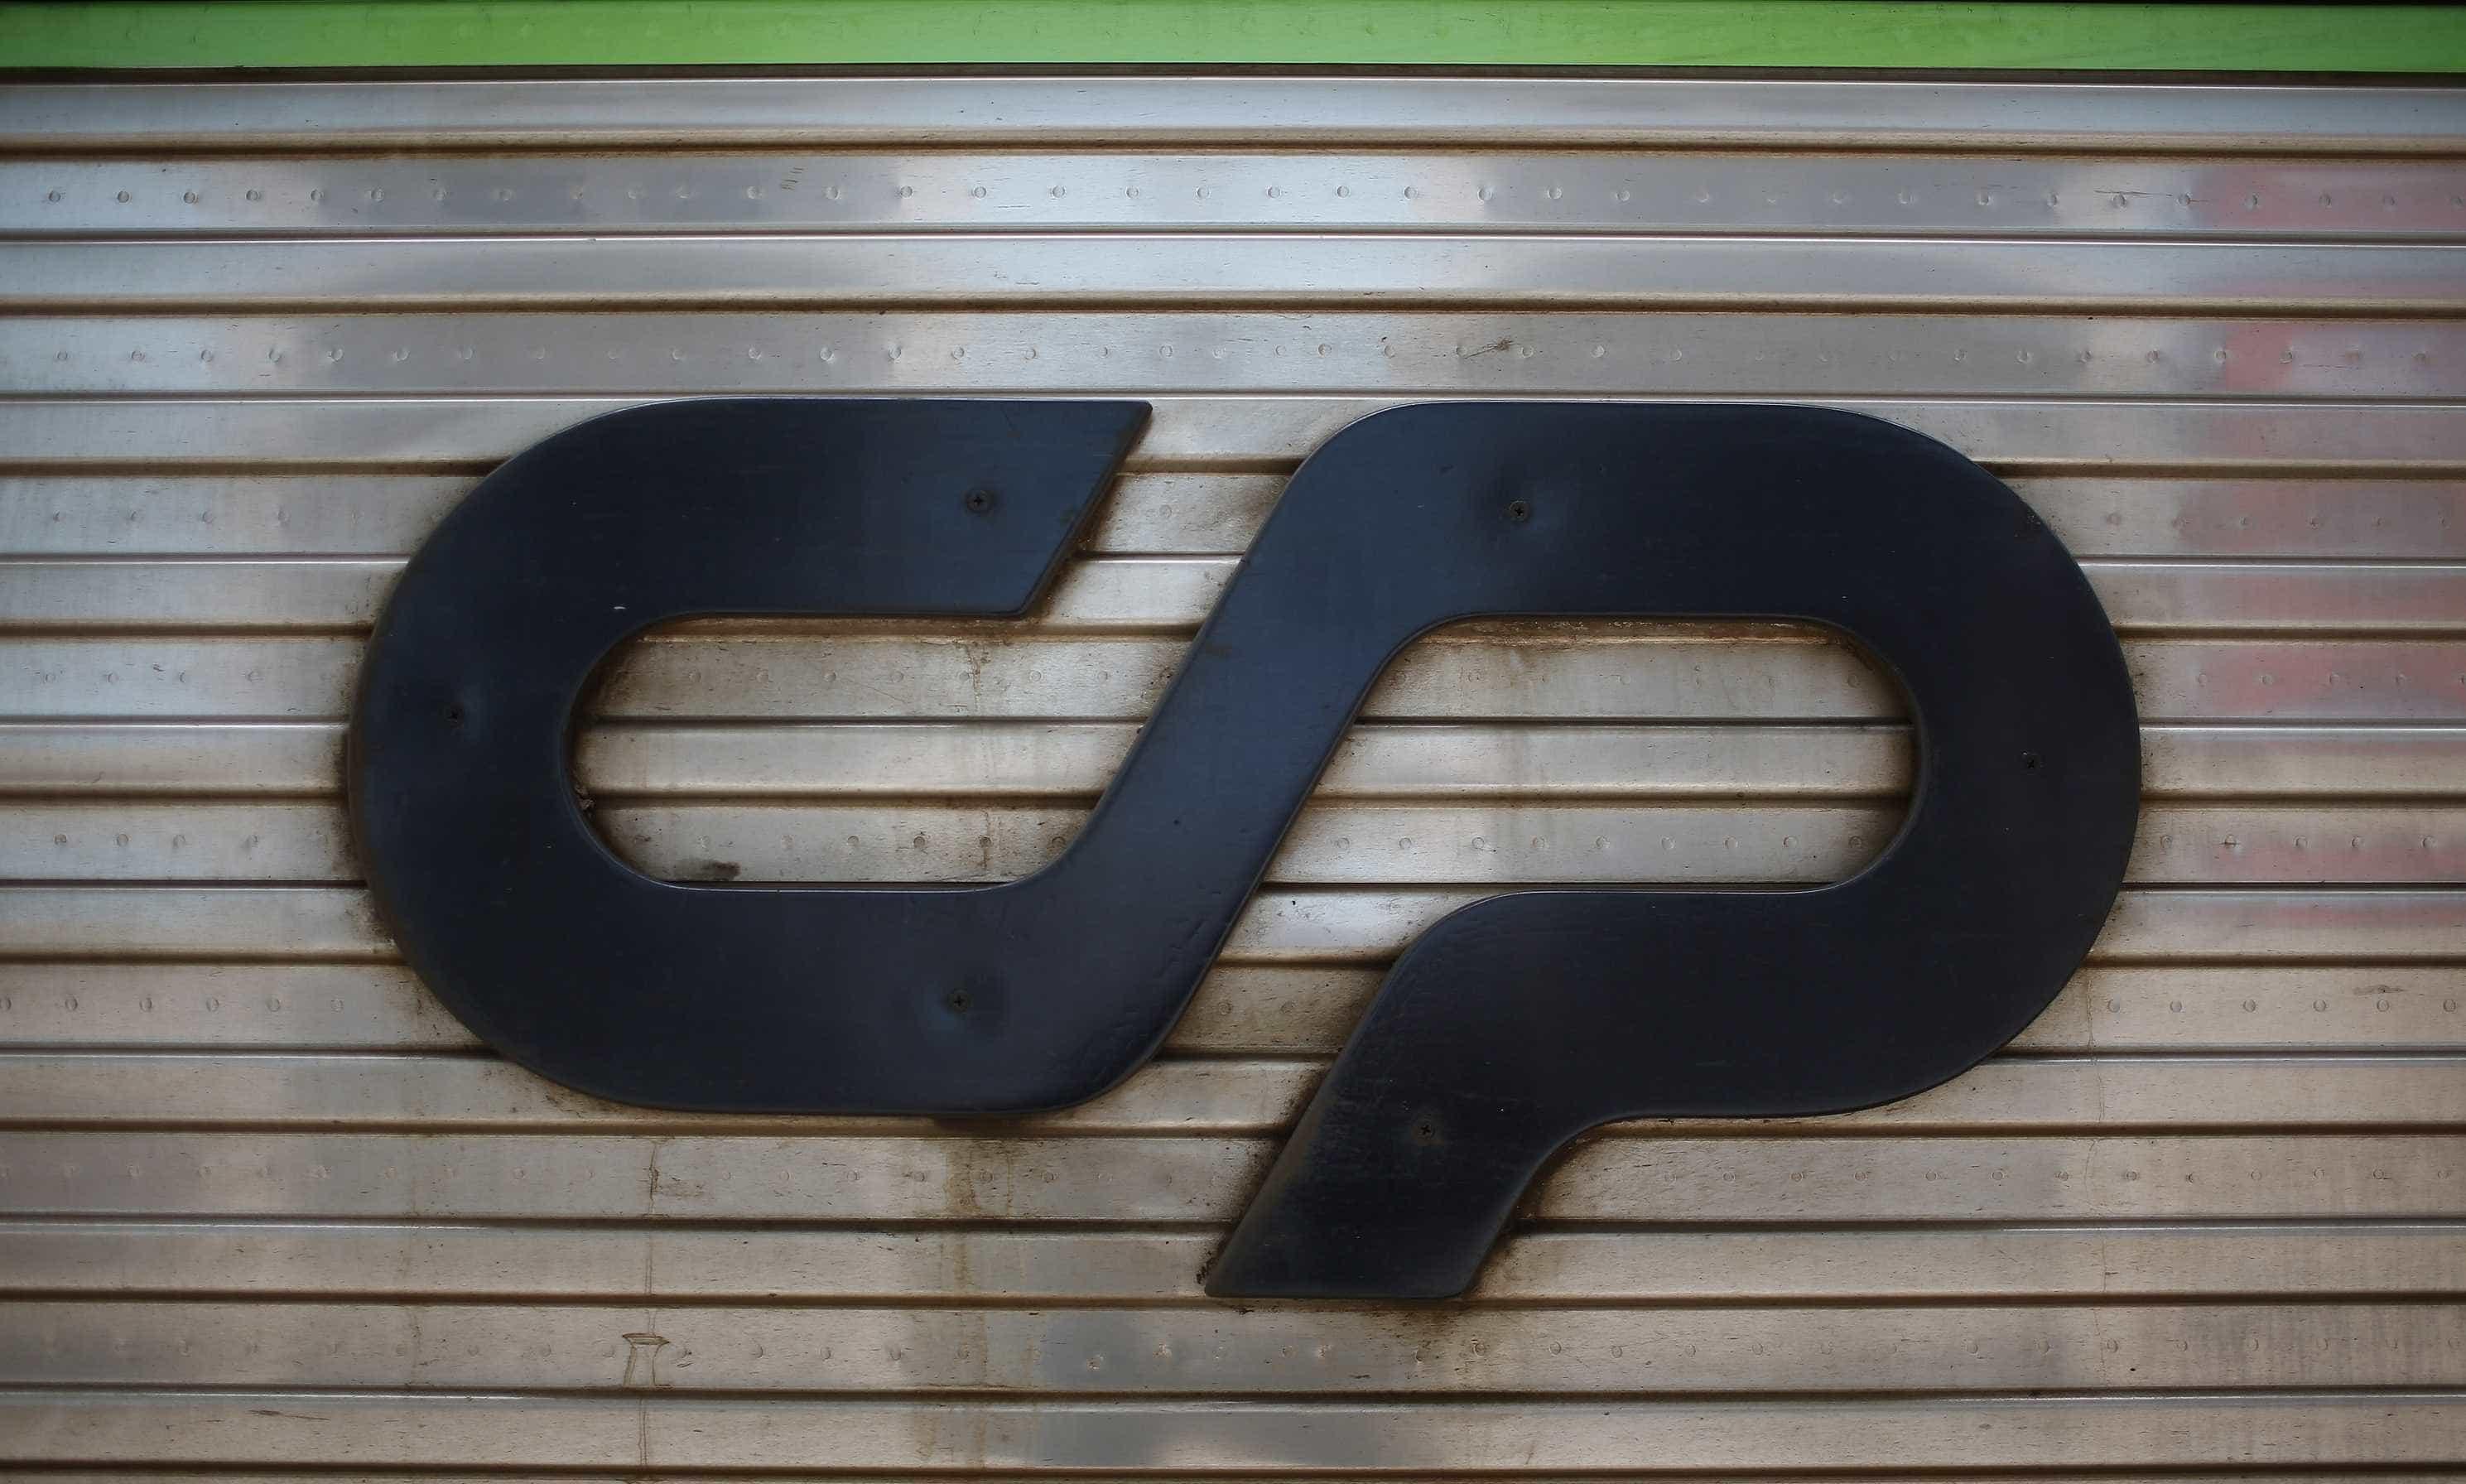 CP prevê fortes perturbações e supressões de comboios na 6.ª feira